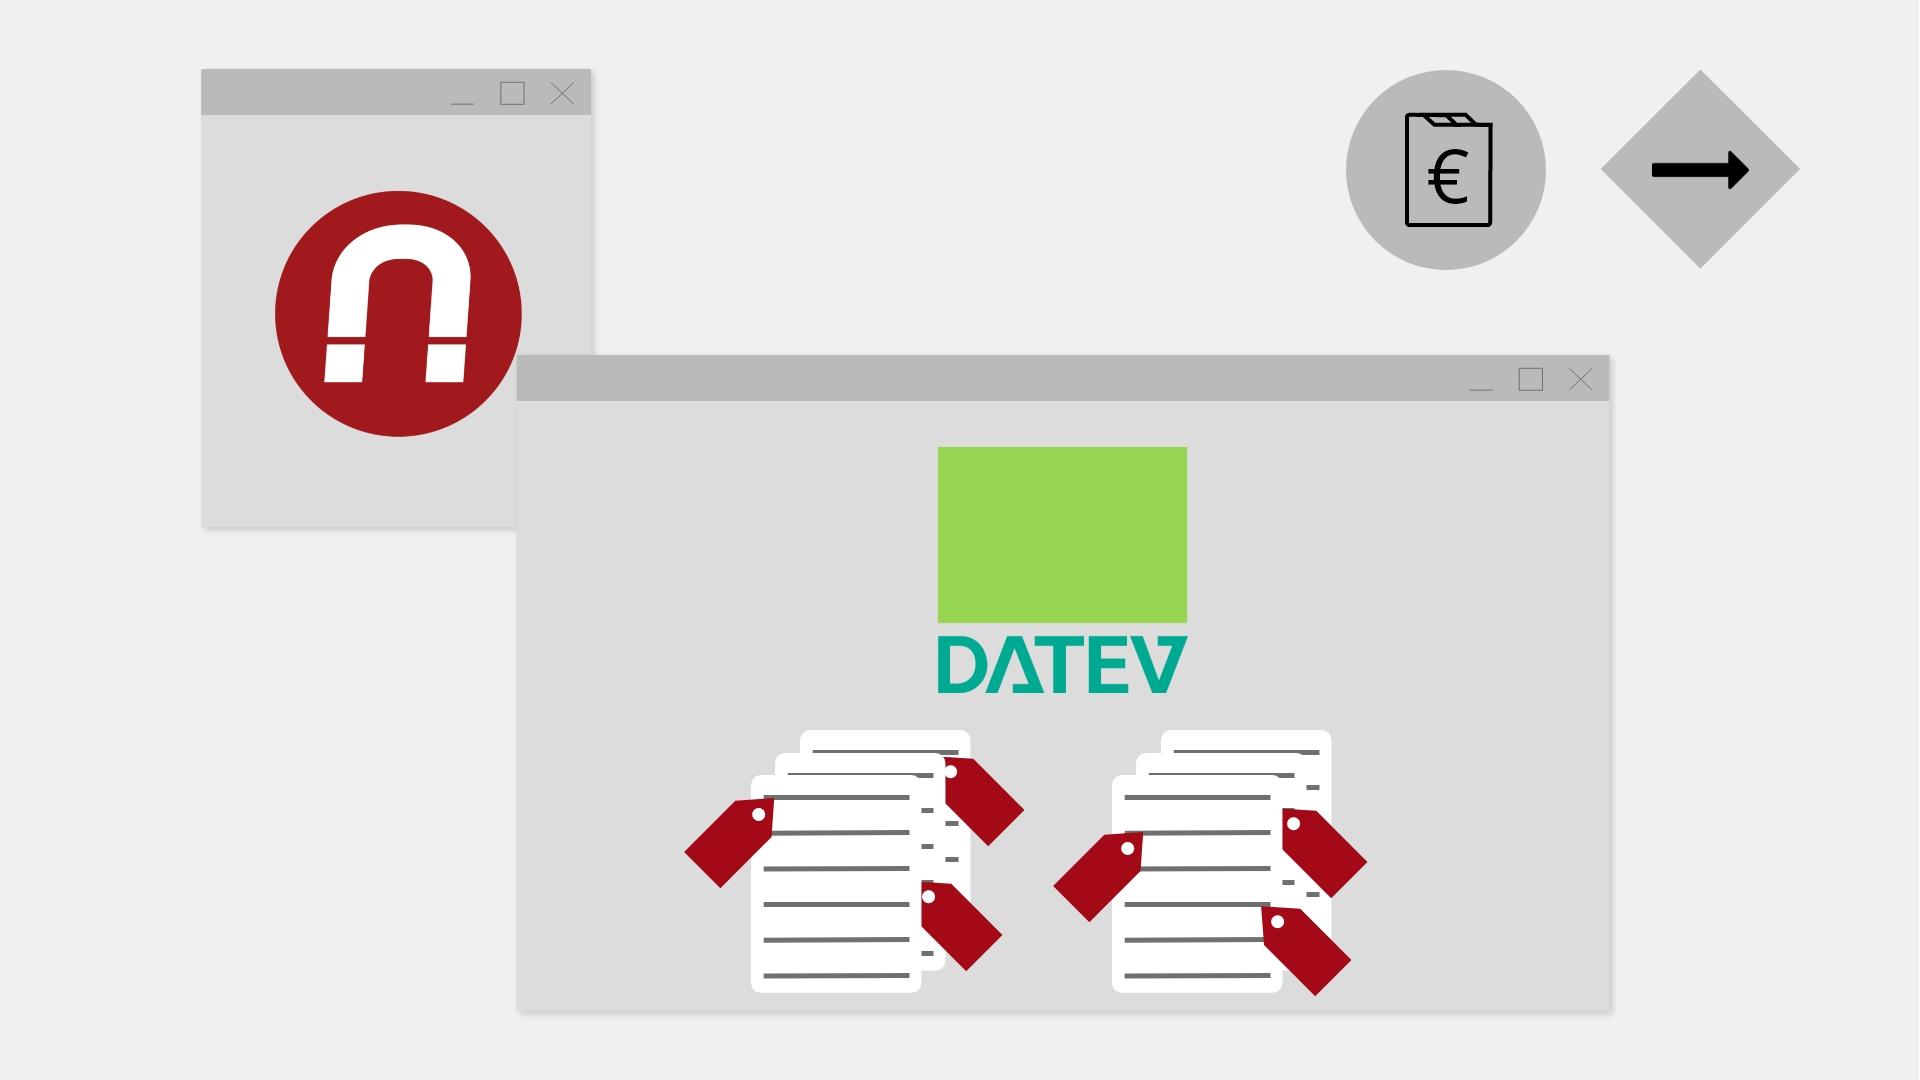 DATEV UO - Schnittstelle DATEV Unternehmen Online